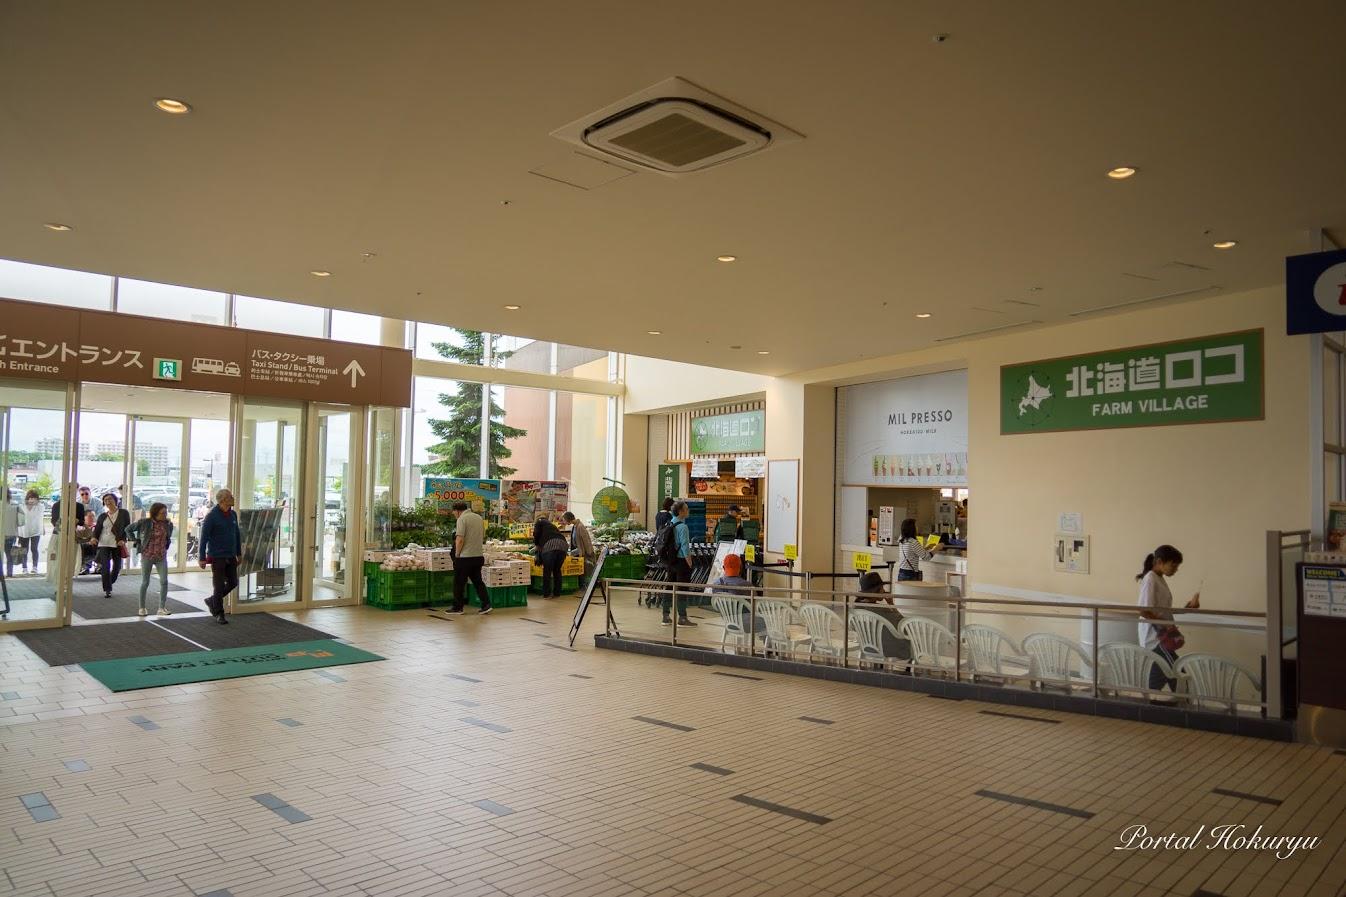 北竜町特産品販売フェアは正面入口入って左手「北海道ロコファームビレッジ」